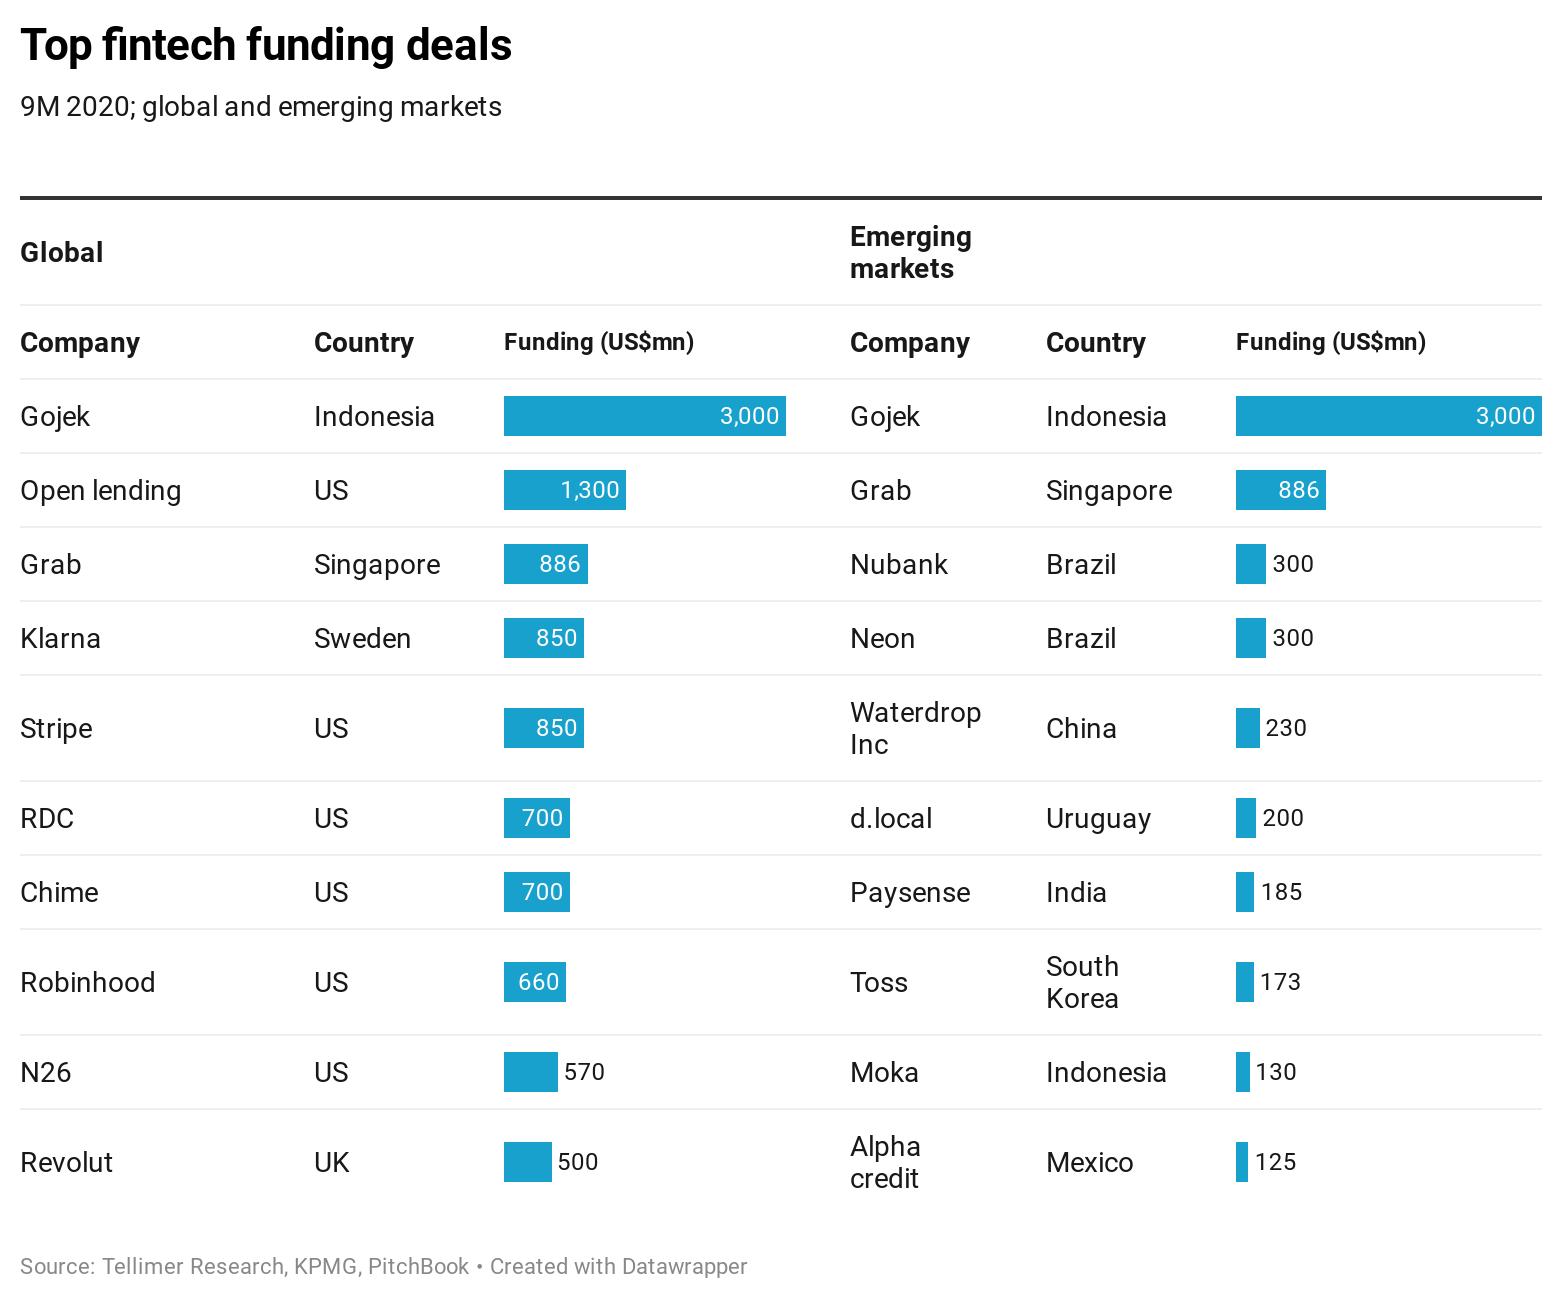 Top fintech funding deals